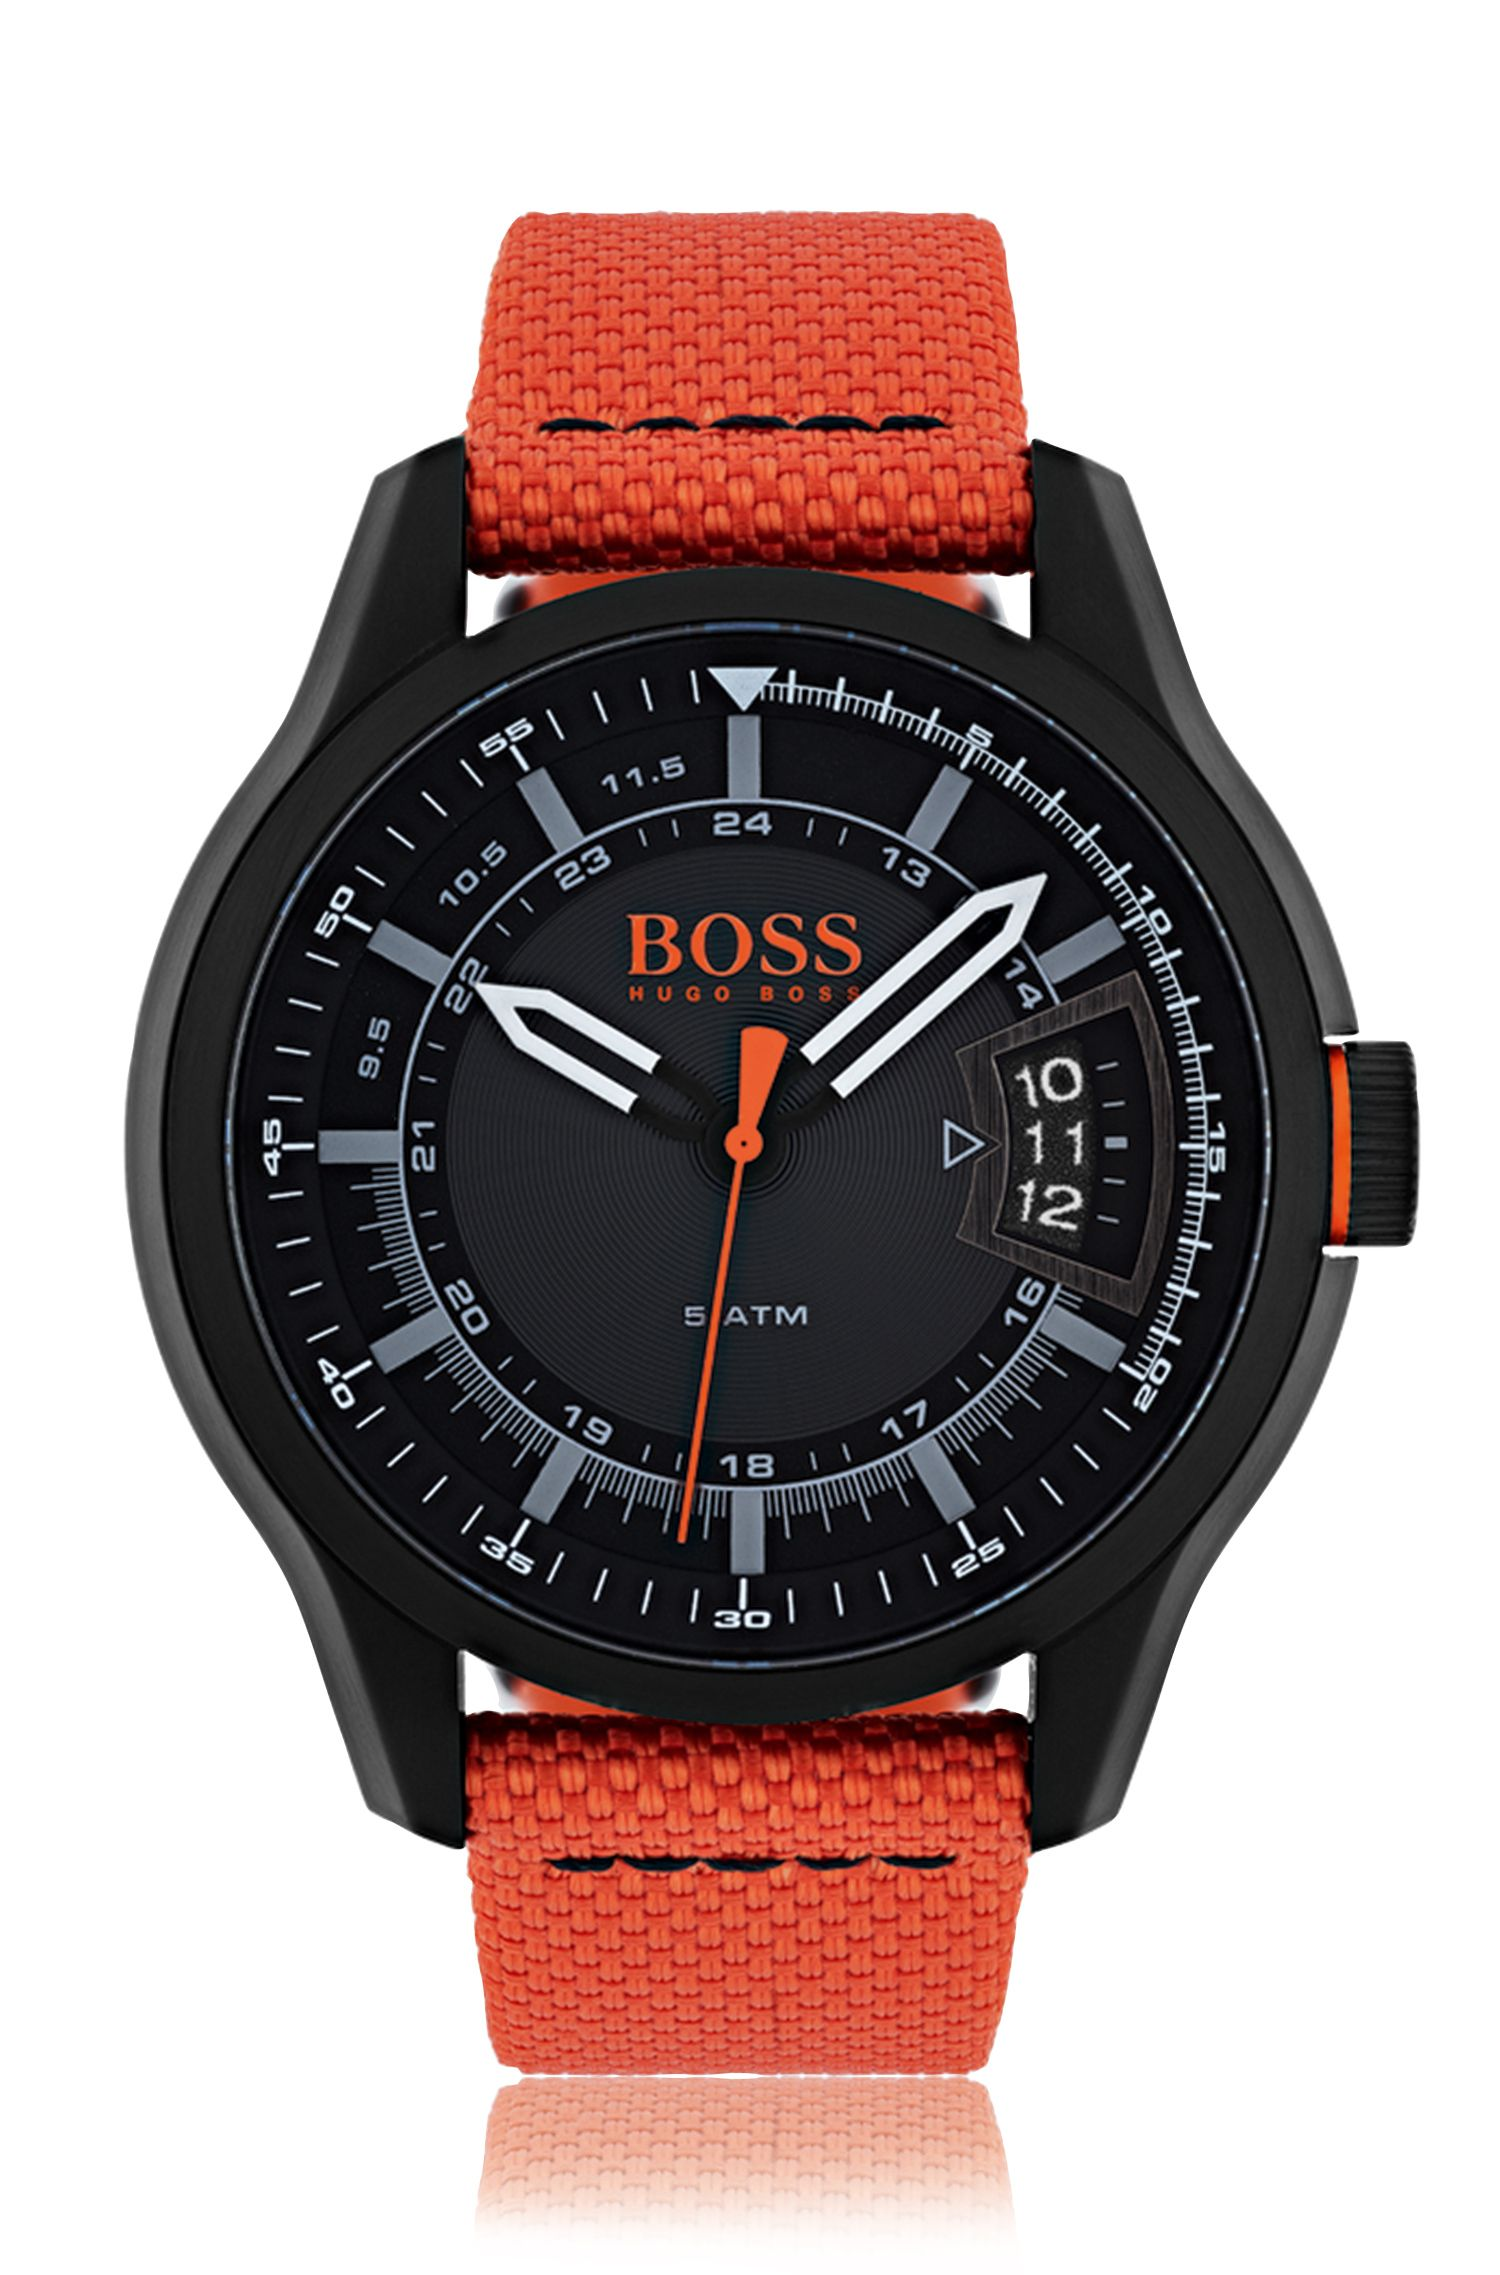 Montre à trois aiguilles en acier inoxydable noirci, avec bracelet en tissu orange